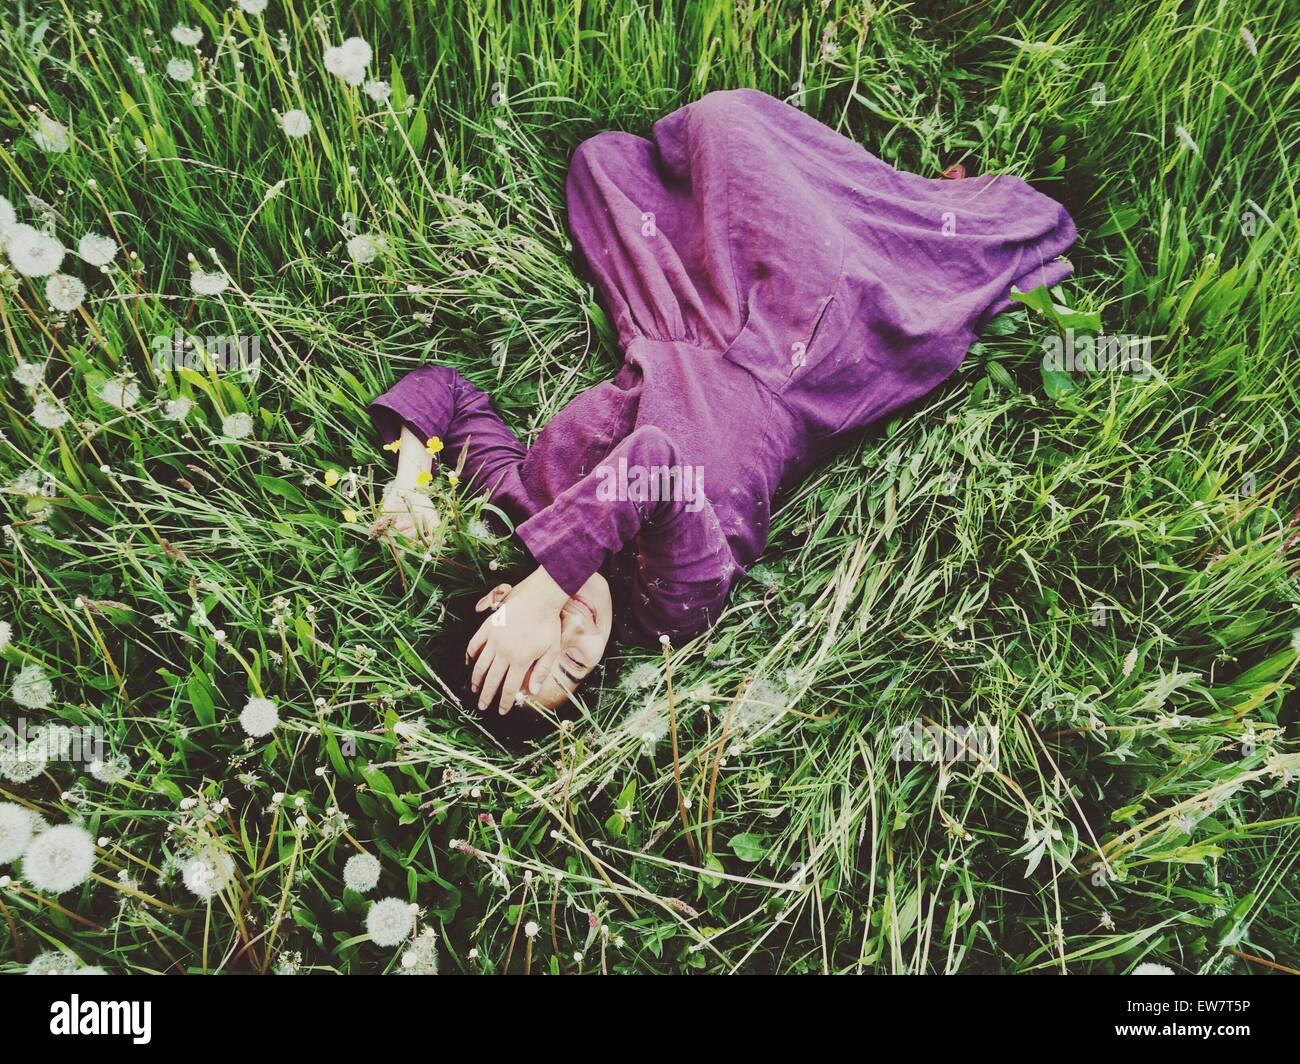 Vista in elevazione di una donna sdraiata in erba con la mano che copre il volto Foto Stock